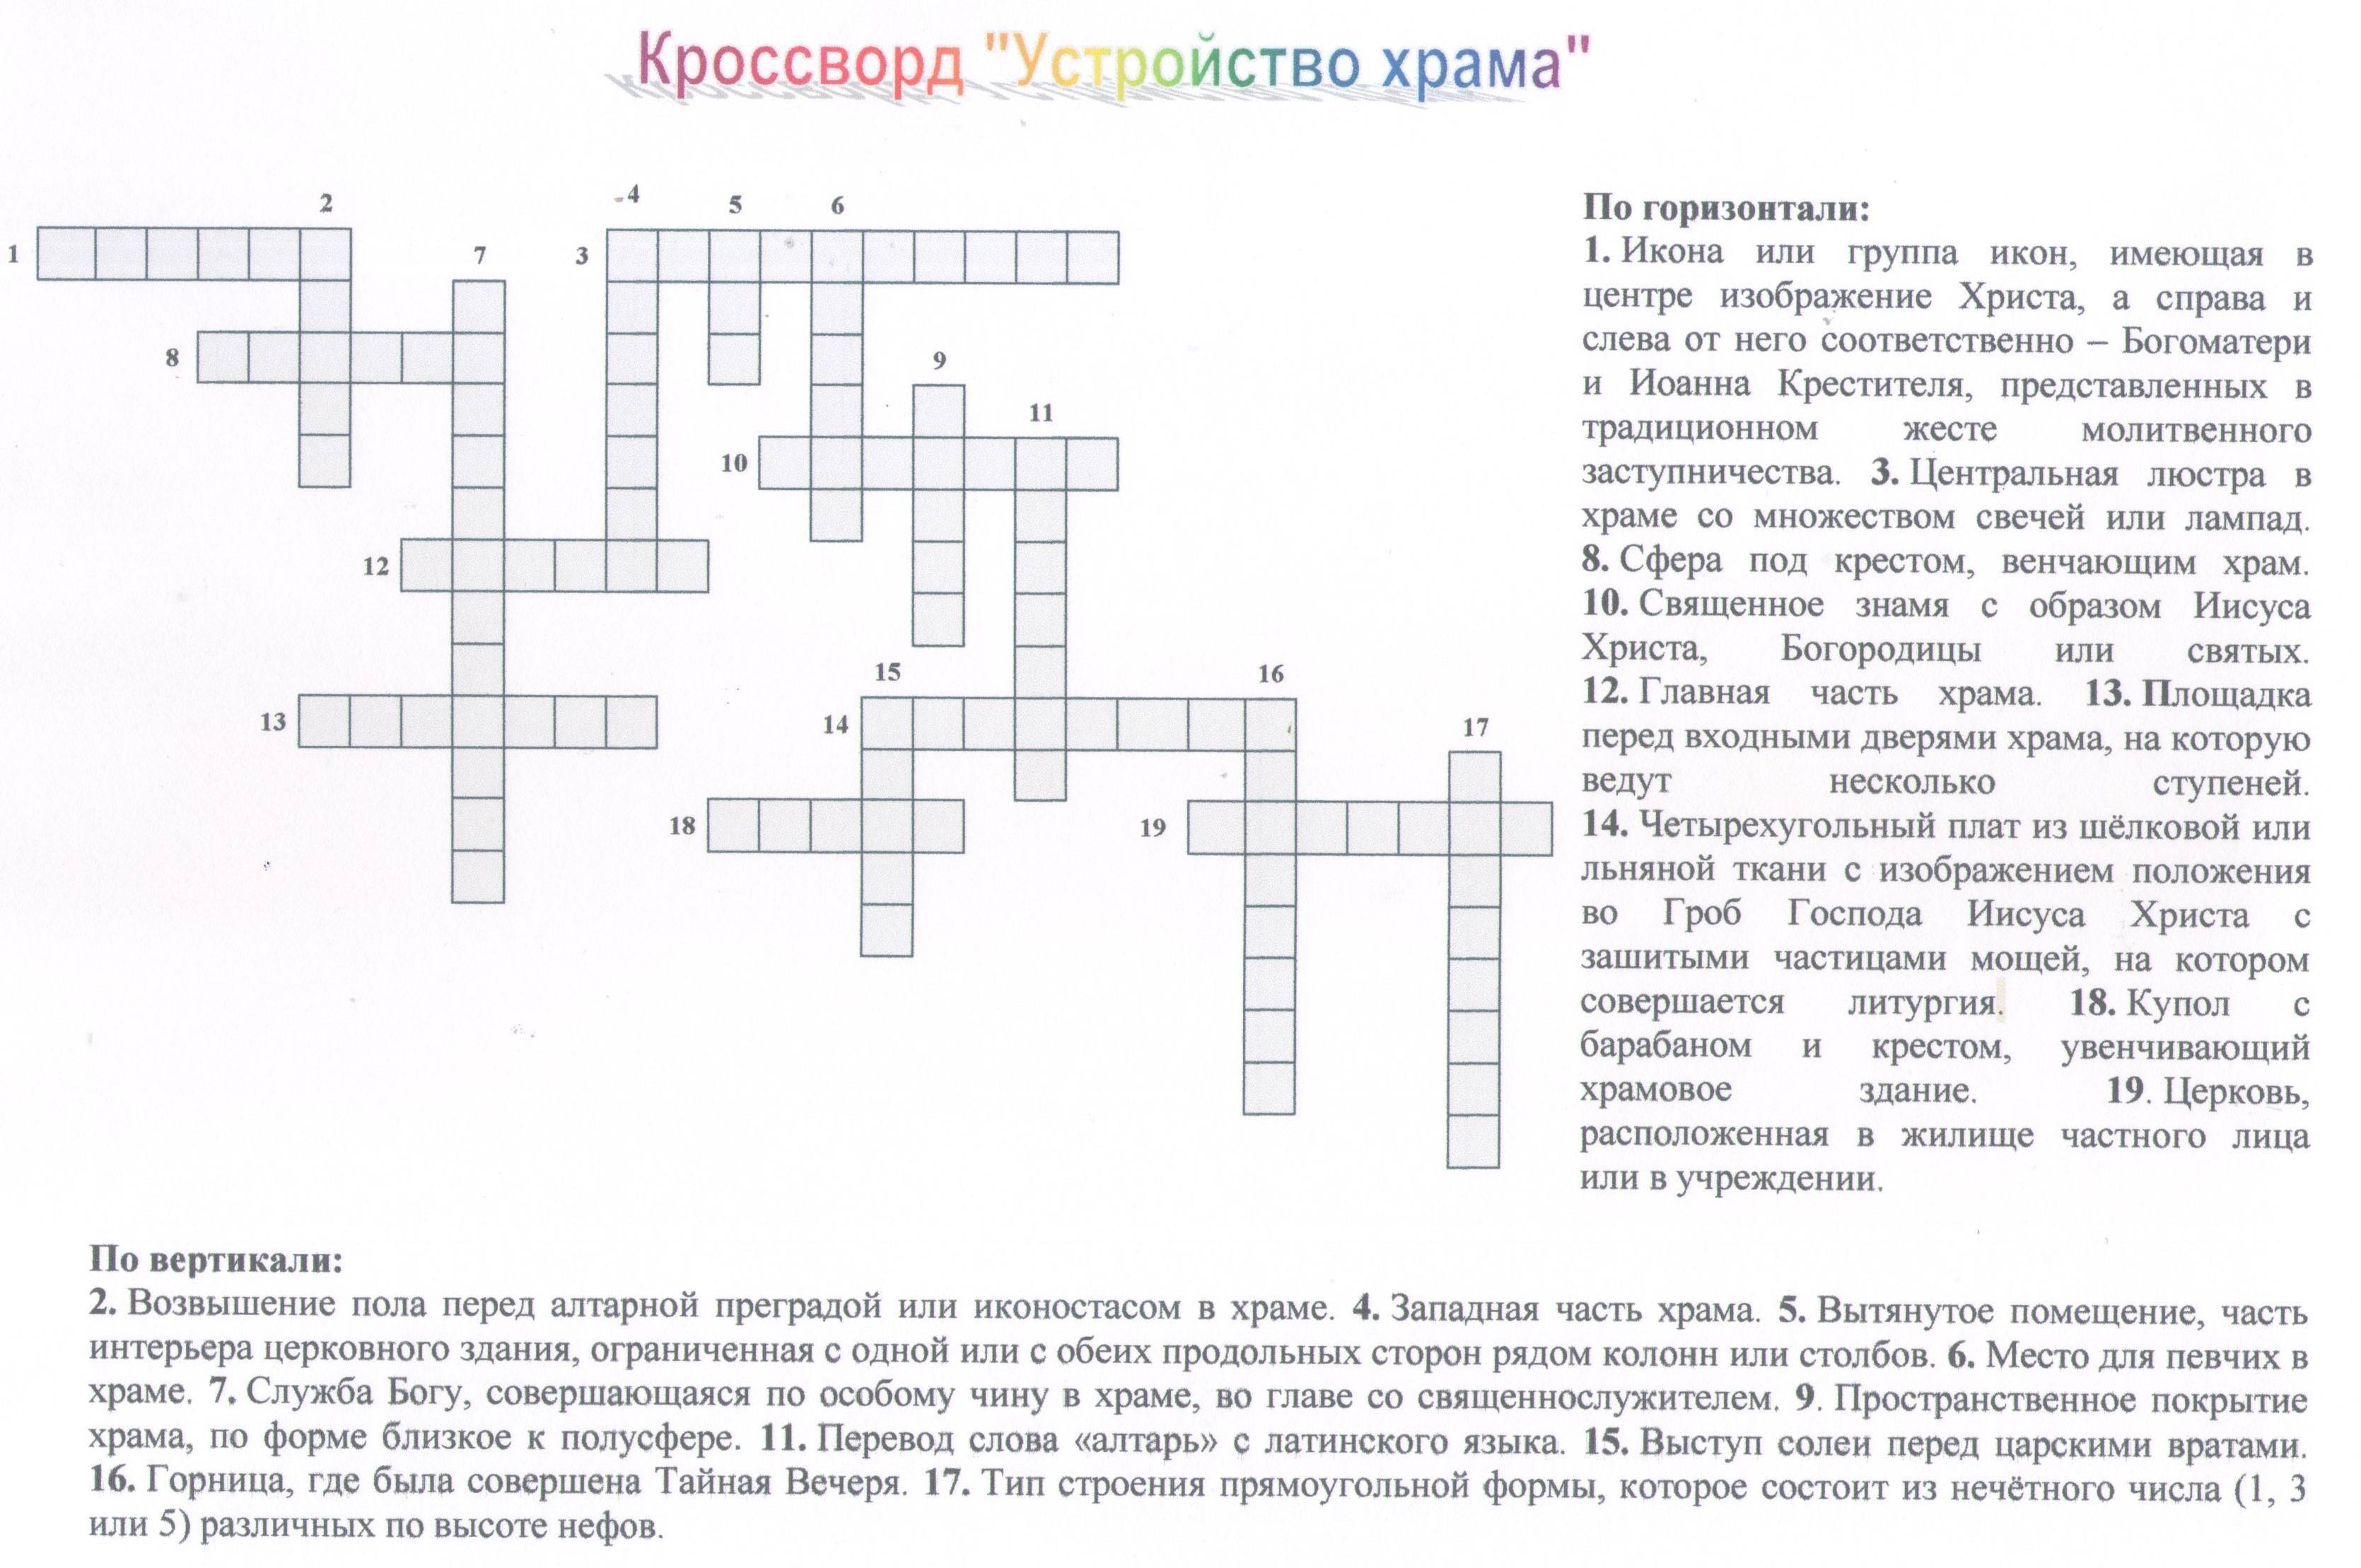 Омельянская О.В., ребус 1